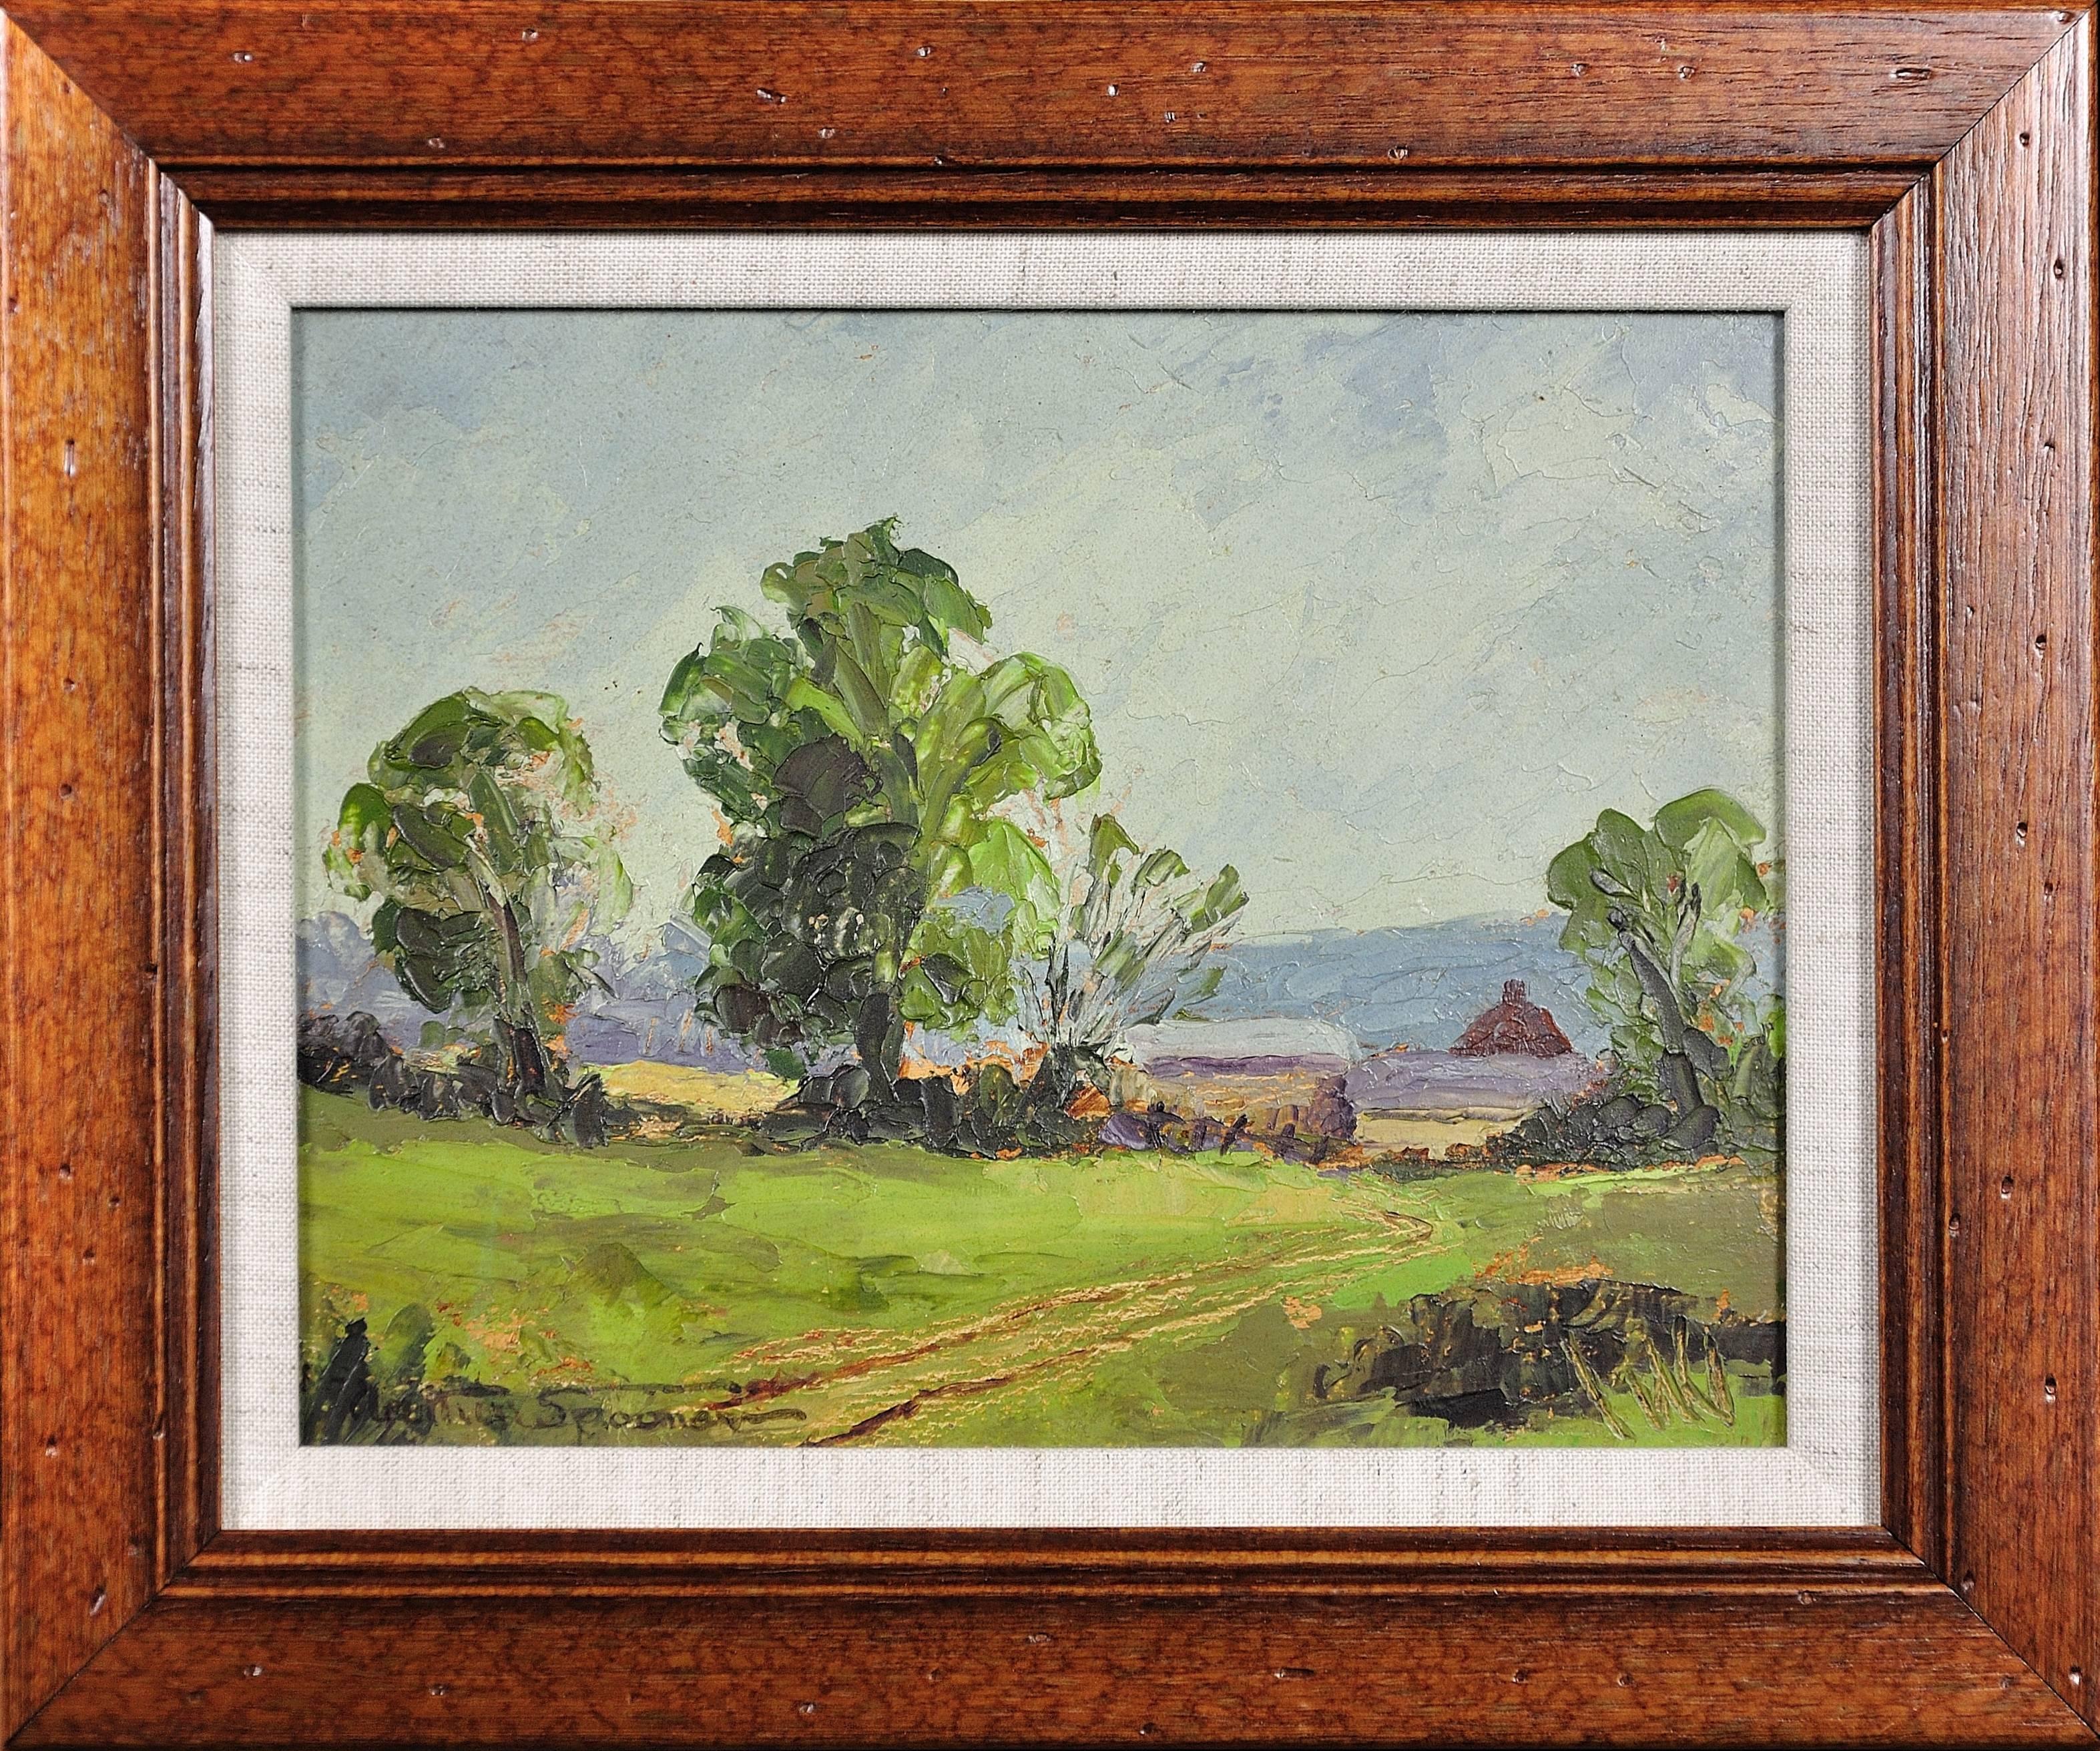 Rural Derbyshire.A Palette of Blues, Greys & Greens.Impressionist.Nottingham Art